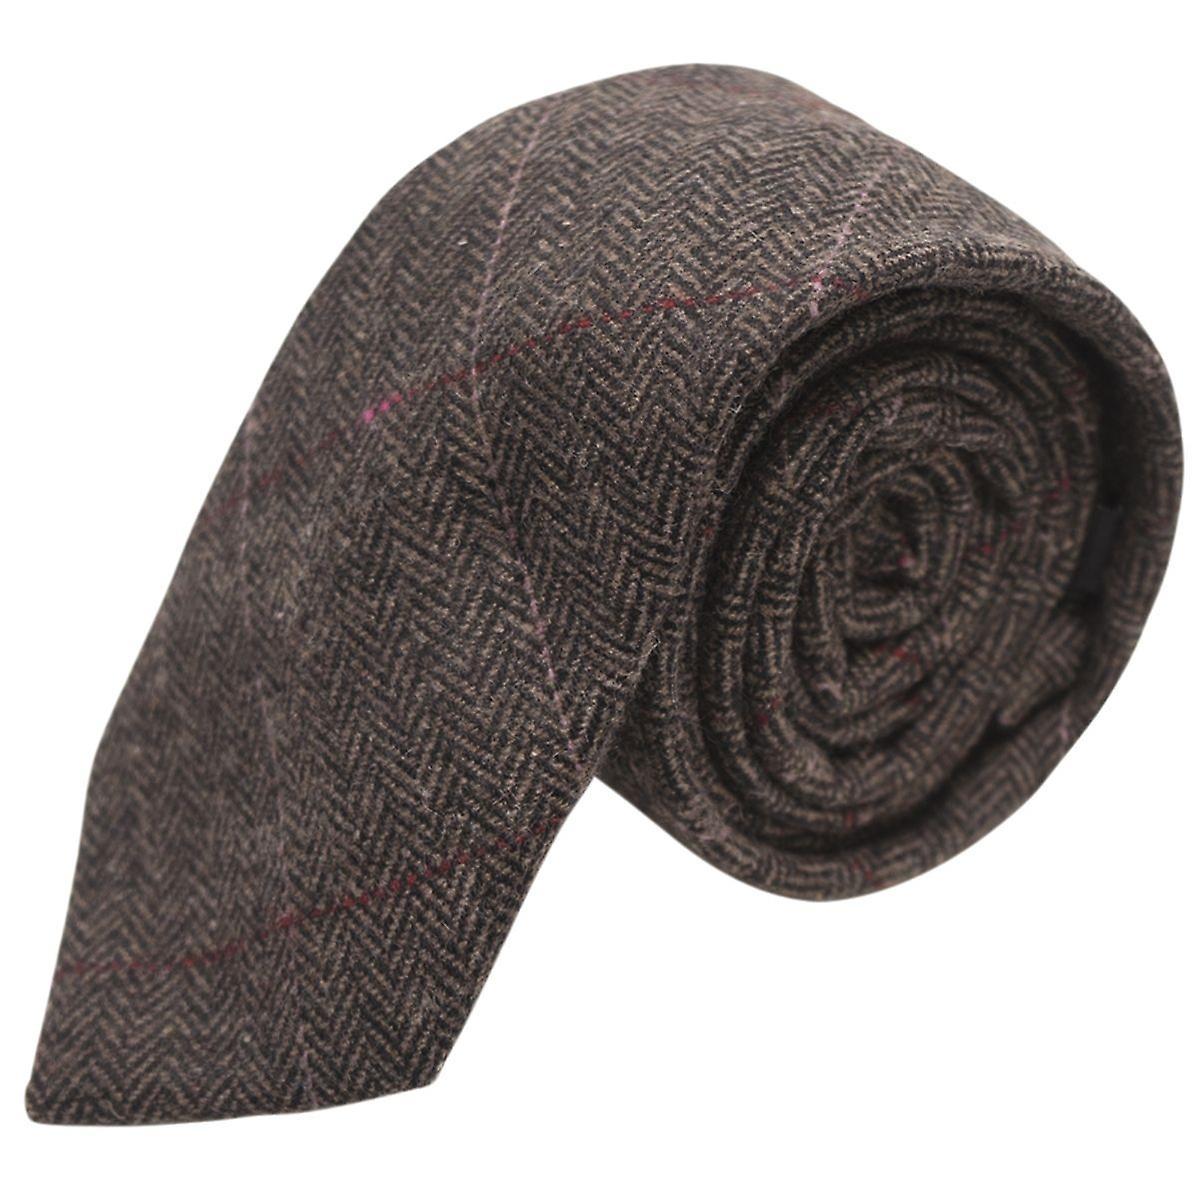 Luxury Mocha Brown Herringbone Check Tie, Tweed